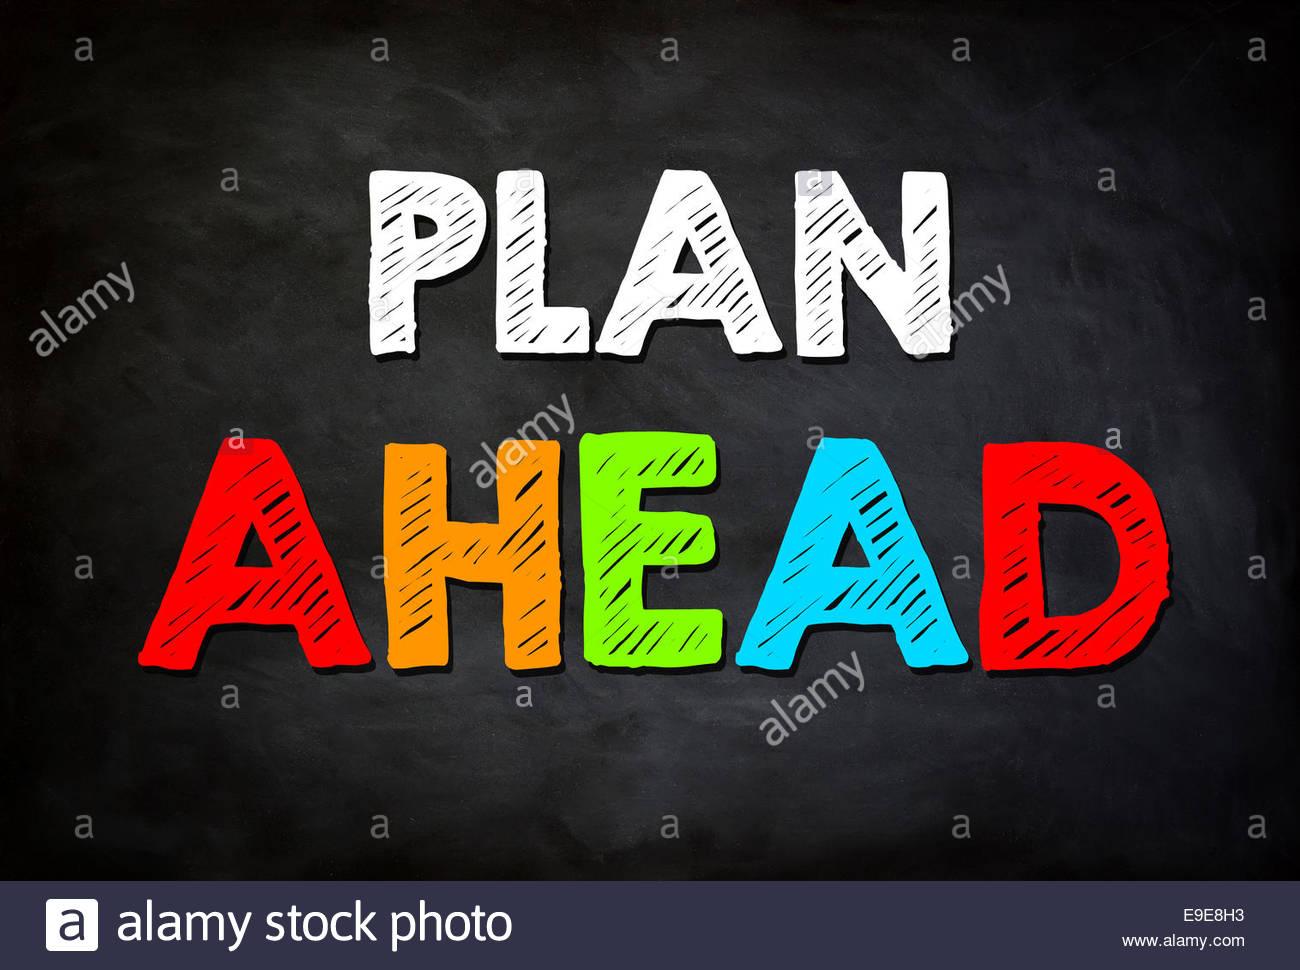 Planifique con anticipación: Concepto Imagen De Stock